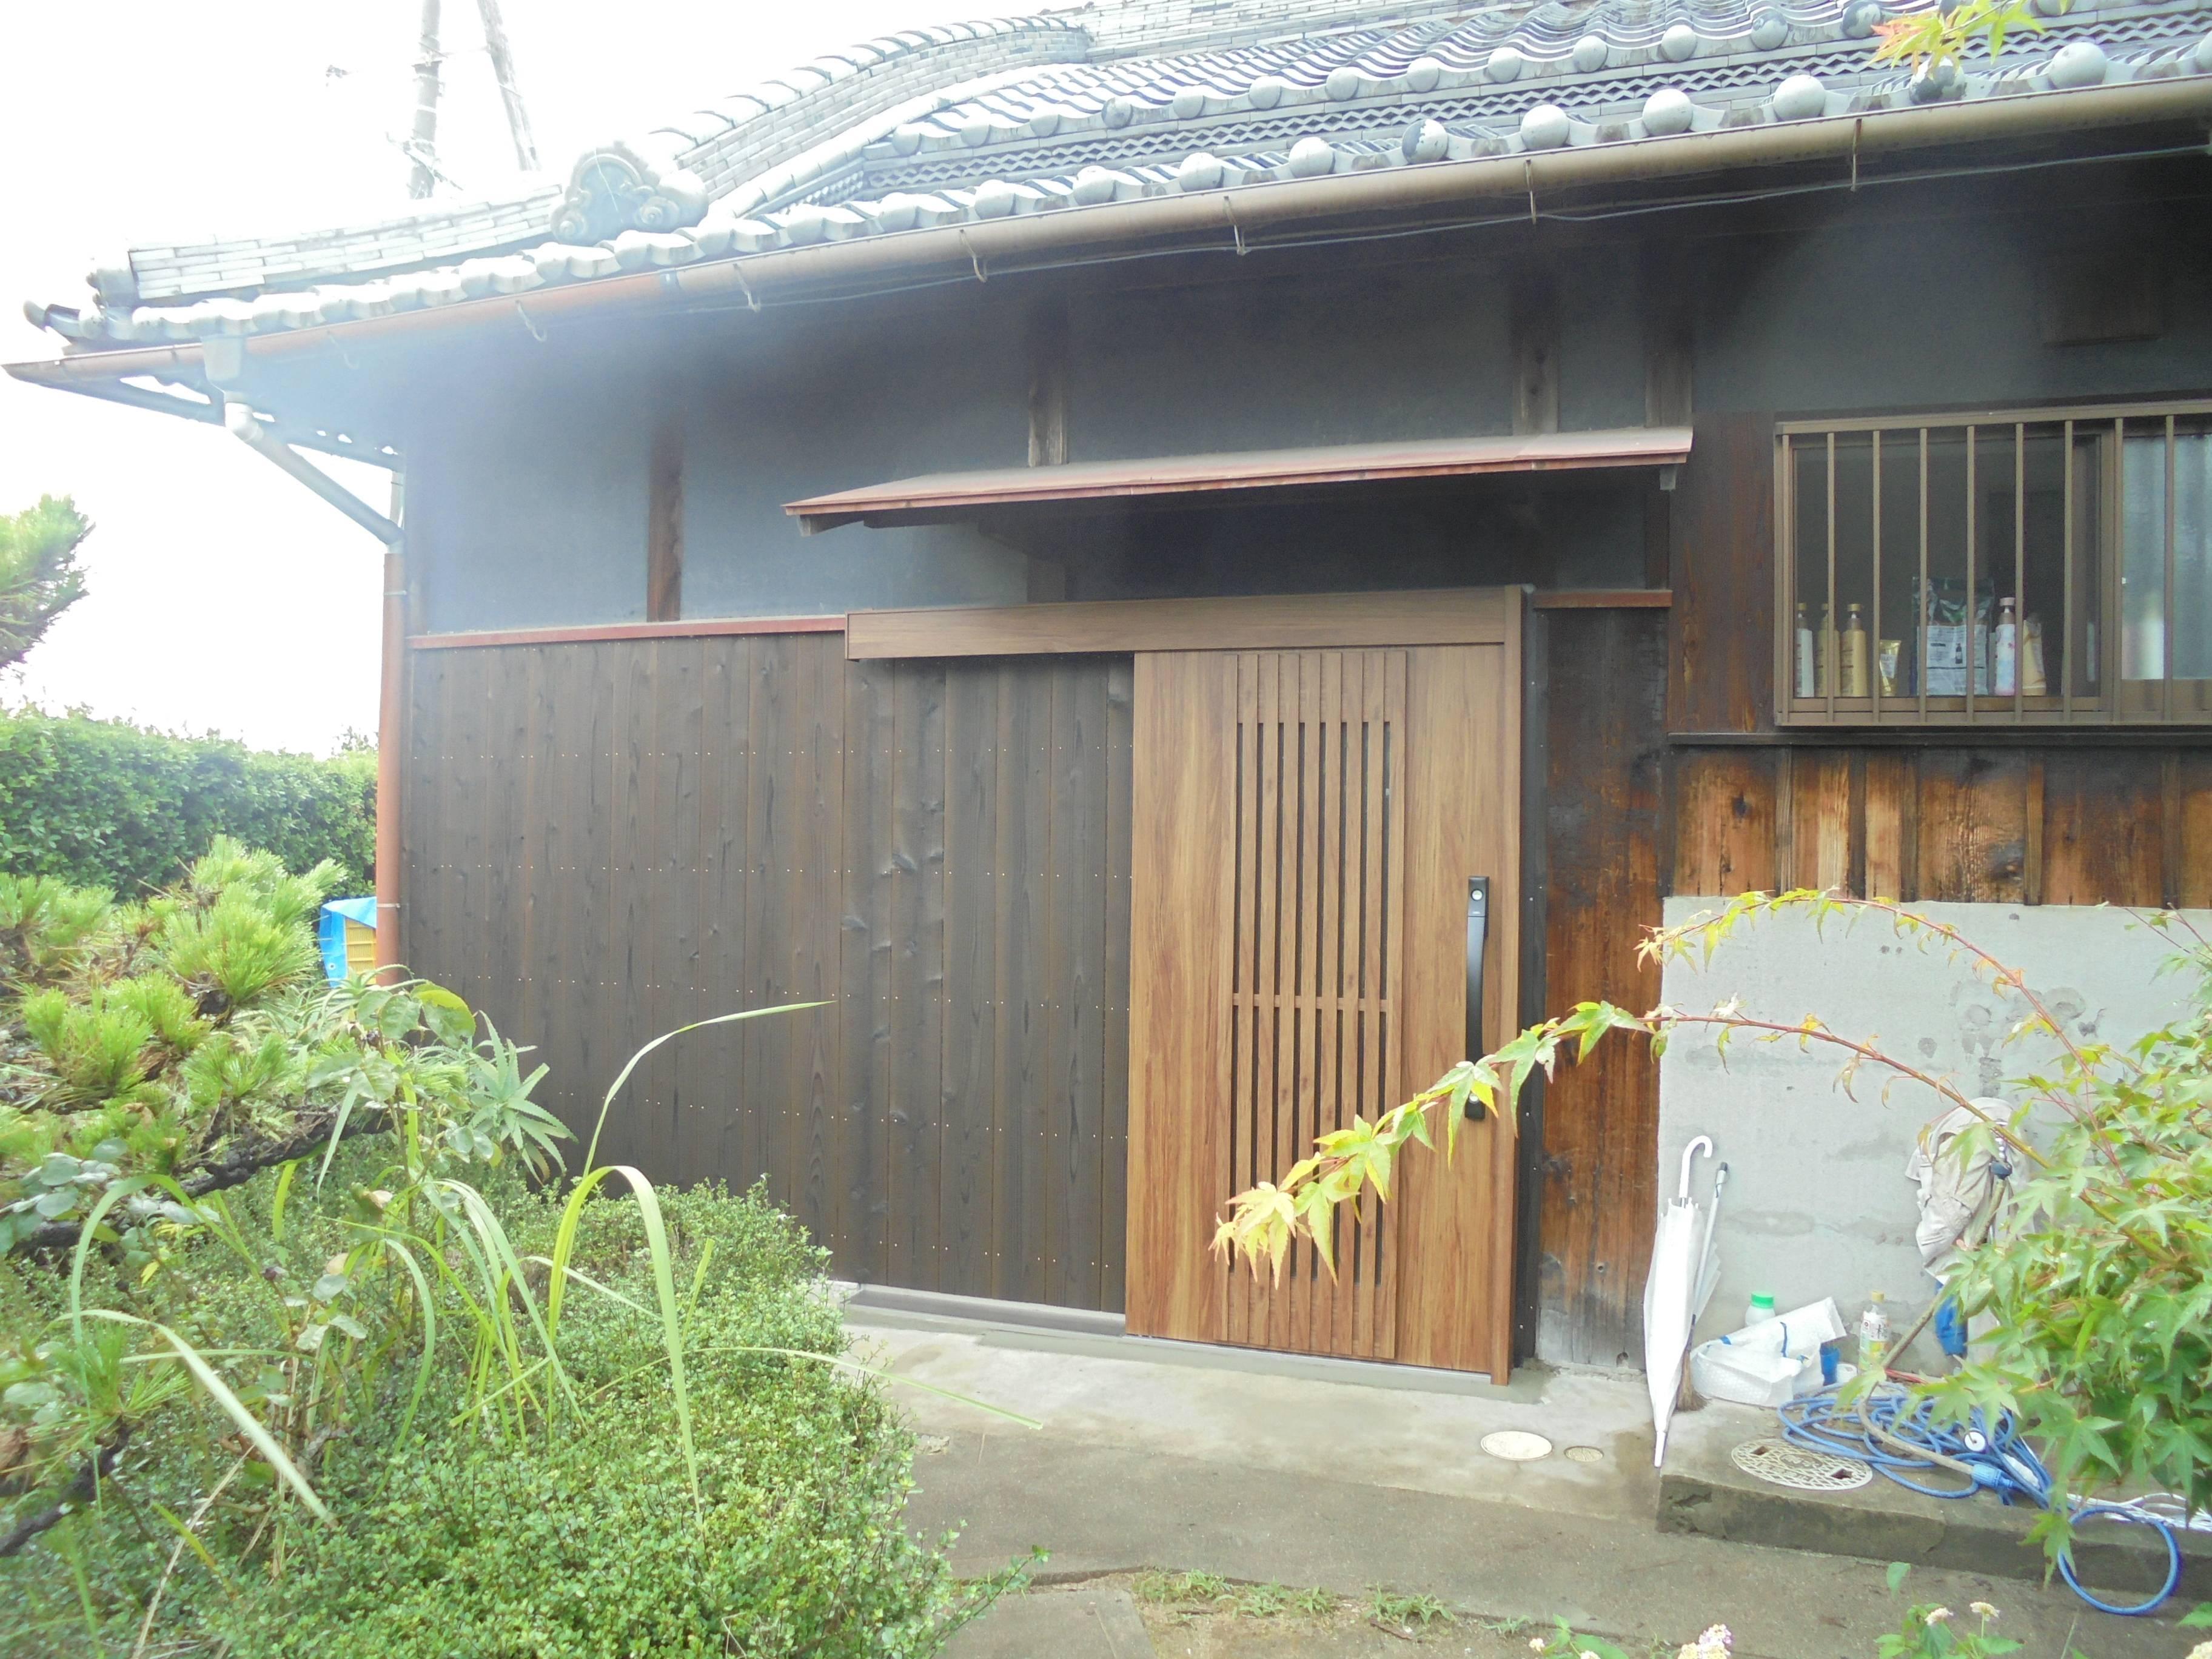 古くなった玄関を取り替えて、毎日の出入りを快適に。 北摂トーヨー住器の現場ブログ 写真2